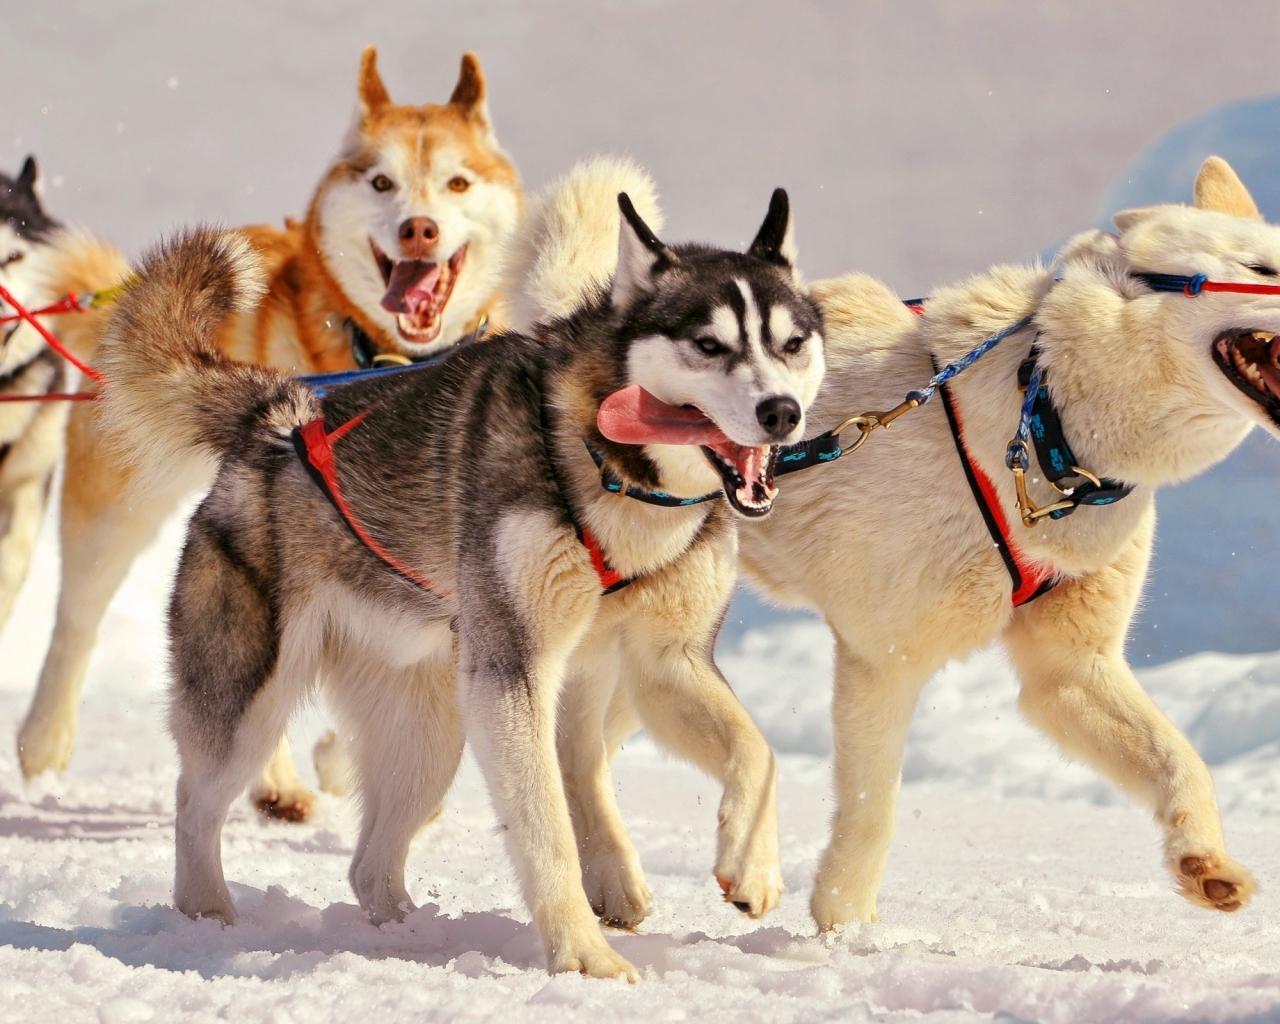 Perros en la nieve - 1280x1024